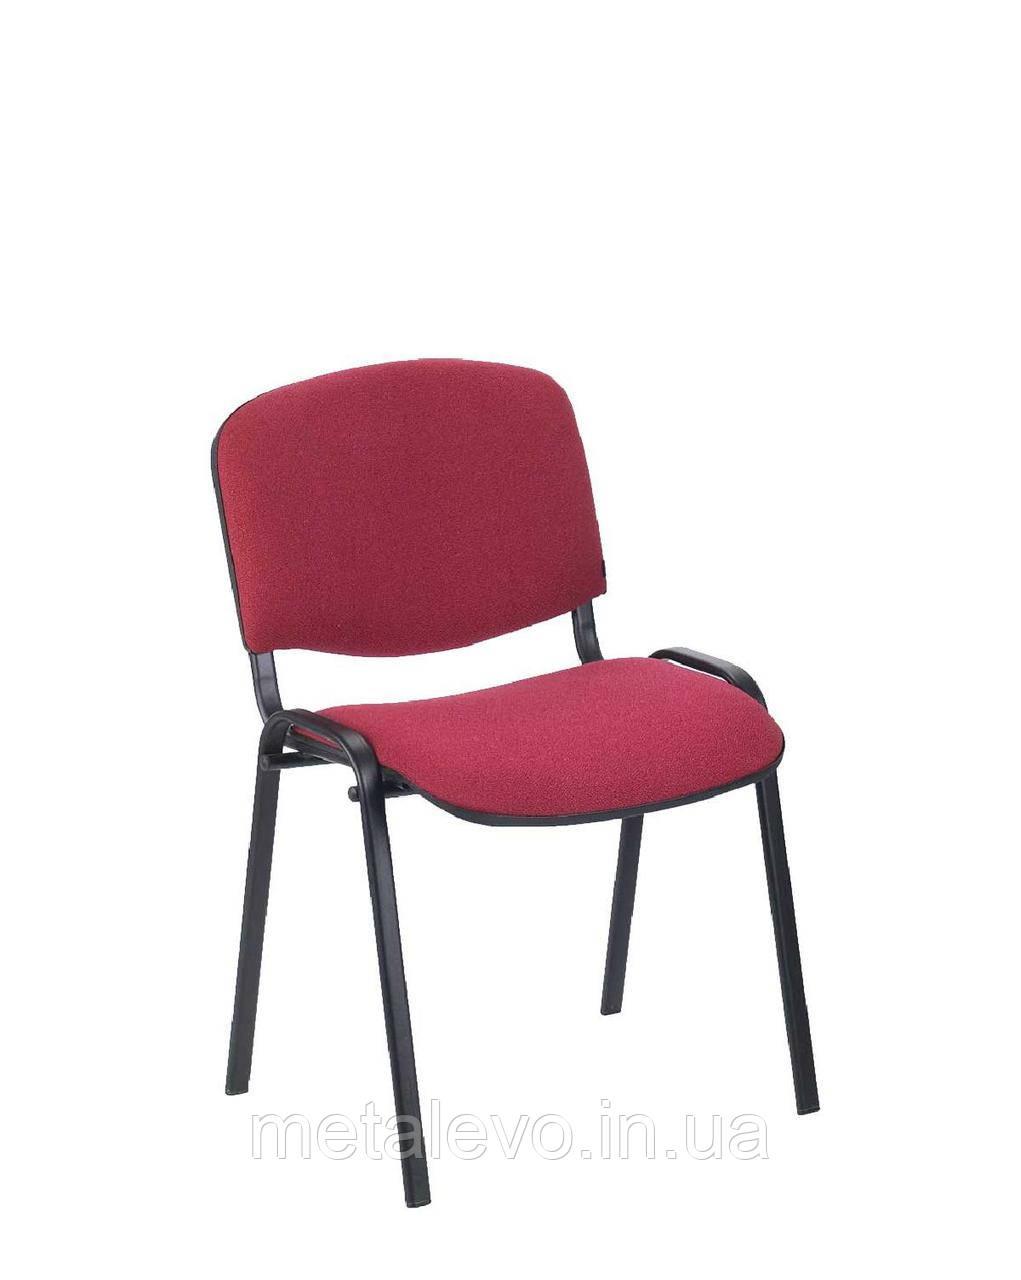 """Офисный стул для посетителей ISO black ТМ """" Новый стиль """""""